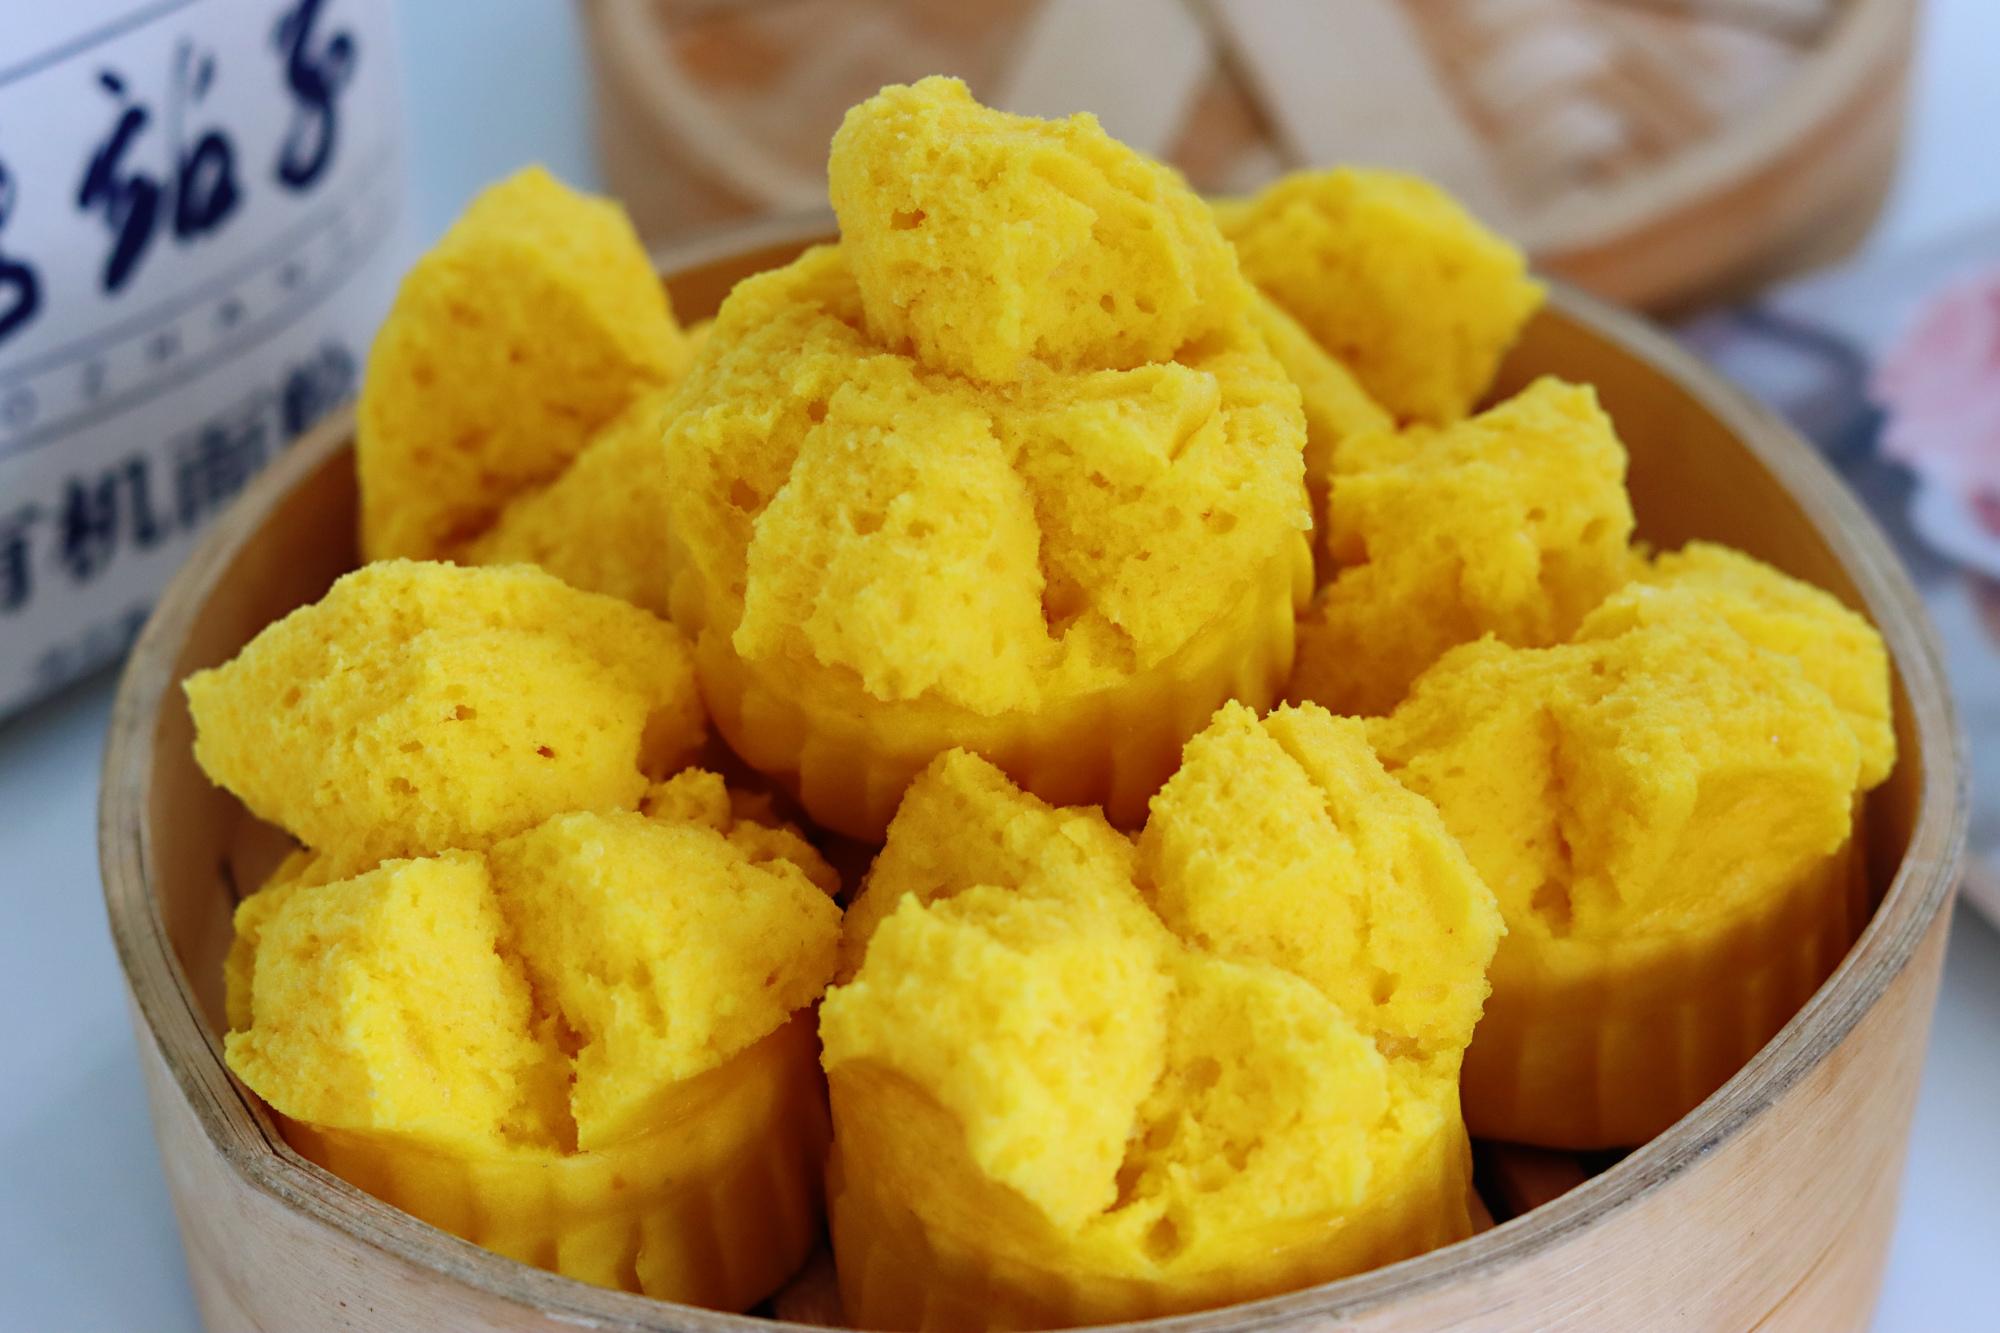 女人要多吃它,鬆軟香甜又養顏,不用揉麵,個個開花,比蛋糕好吃